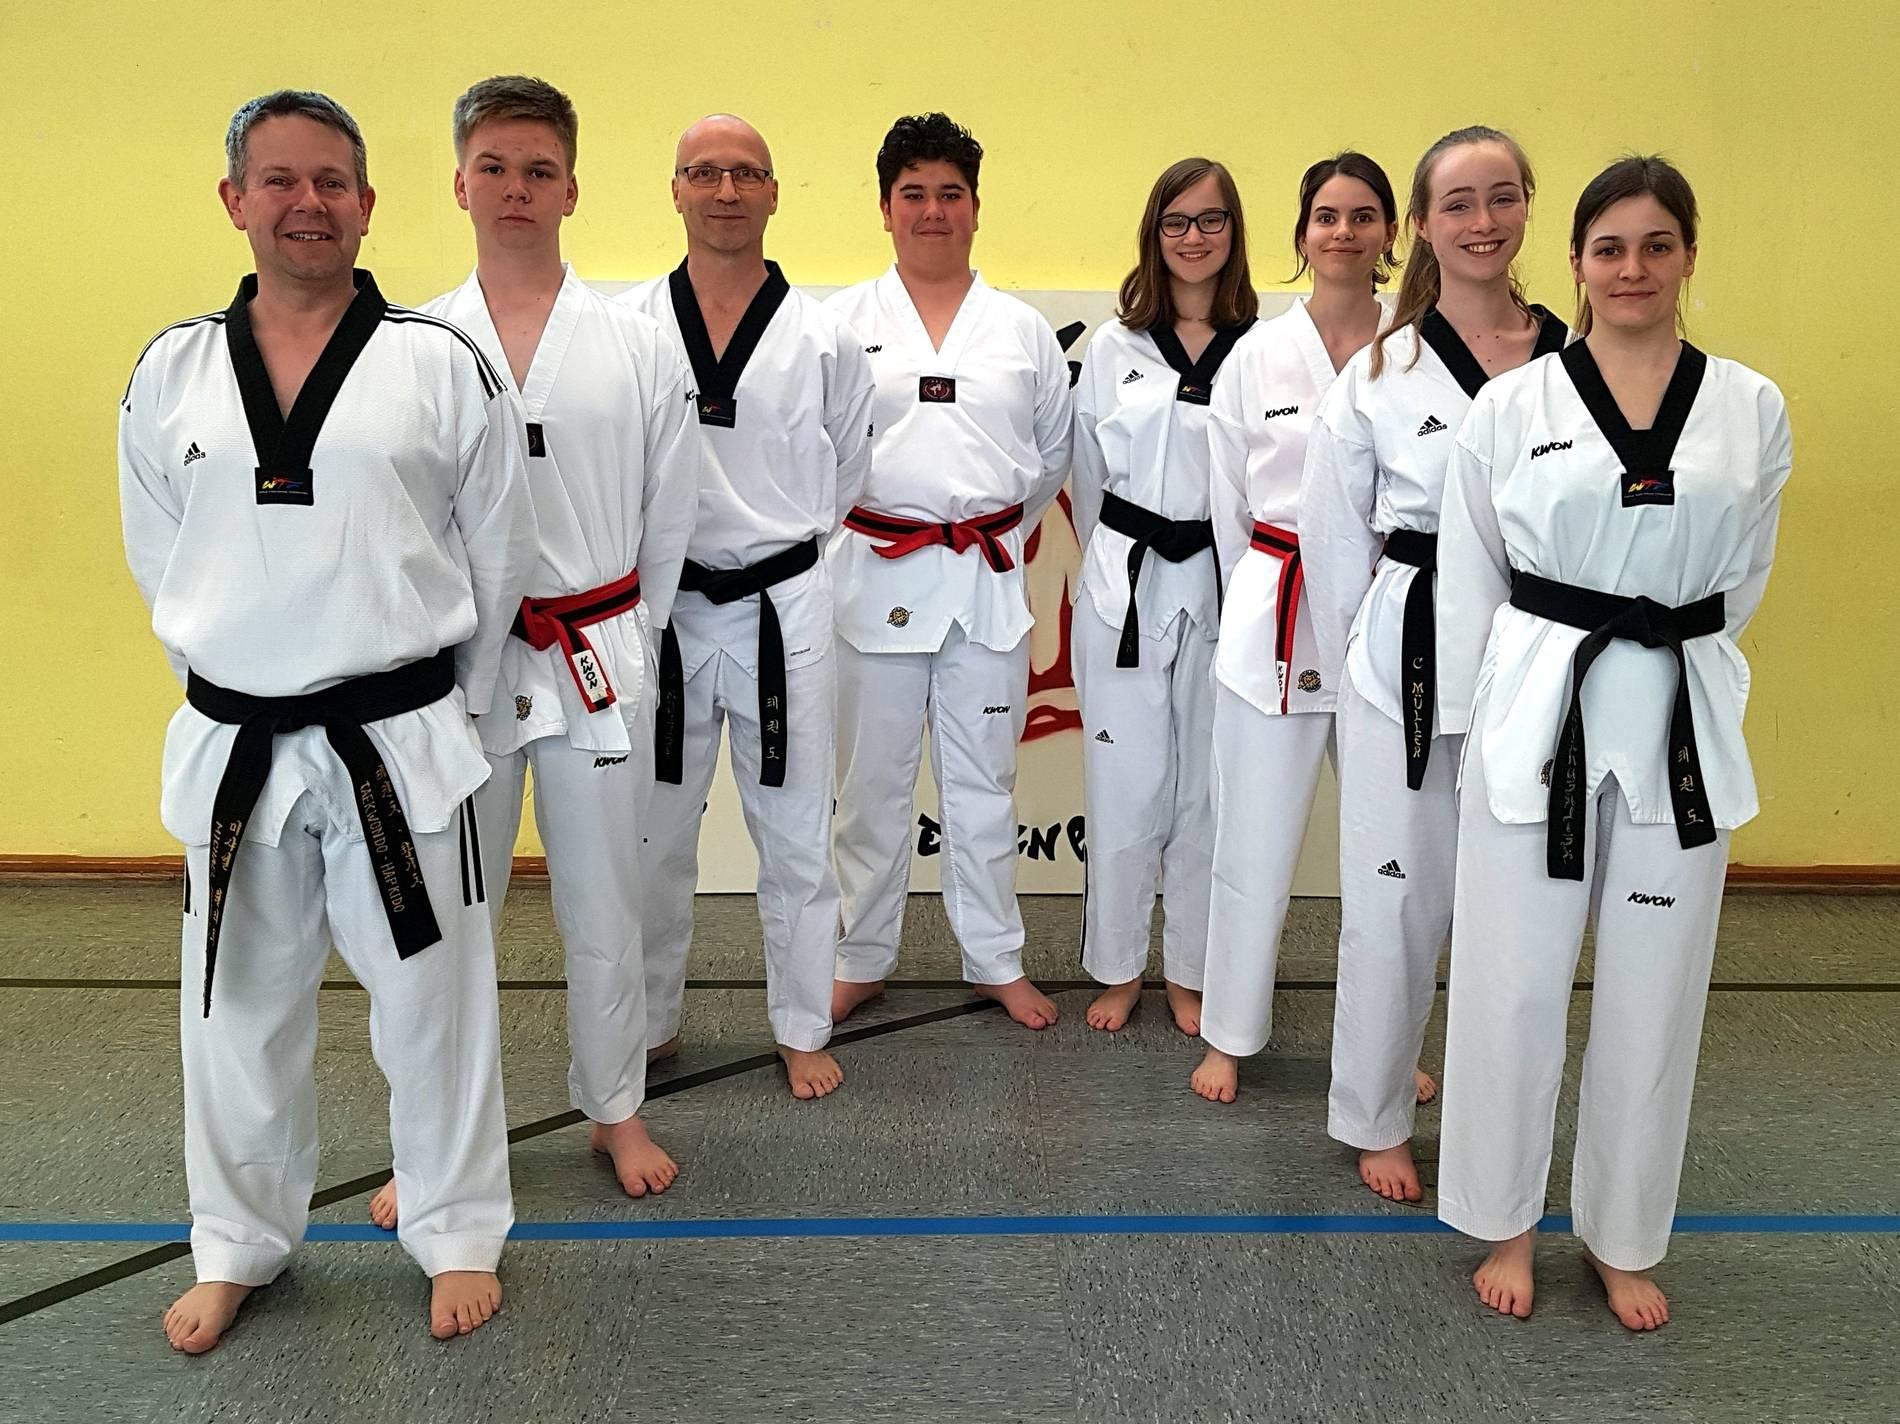 Übach-Palenberg: Motivierte Taekwondo-Trainer Beim TuS 09